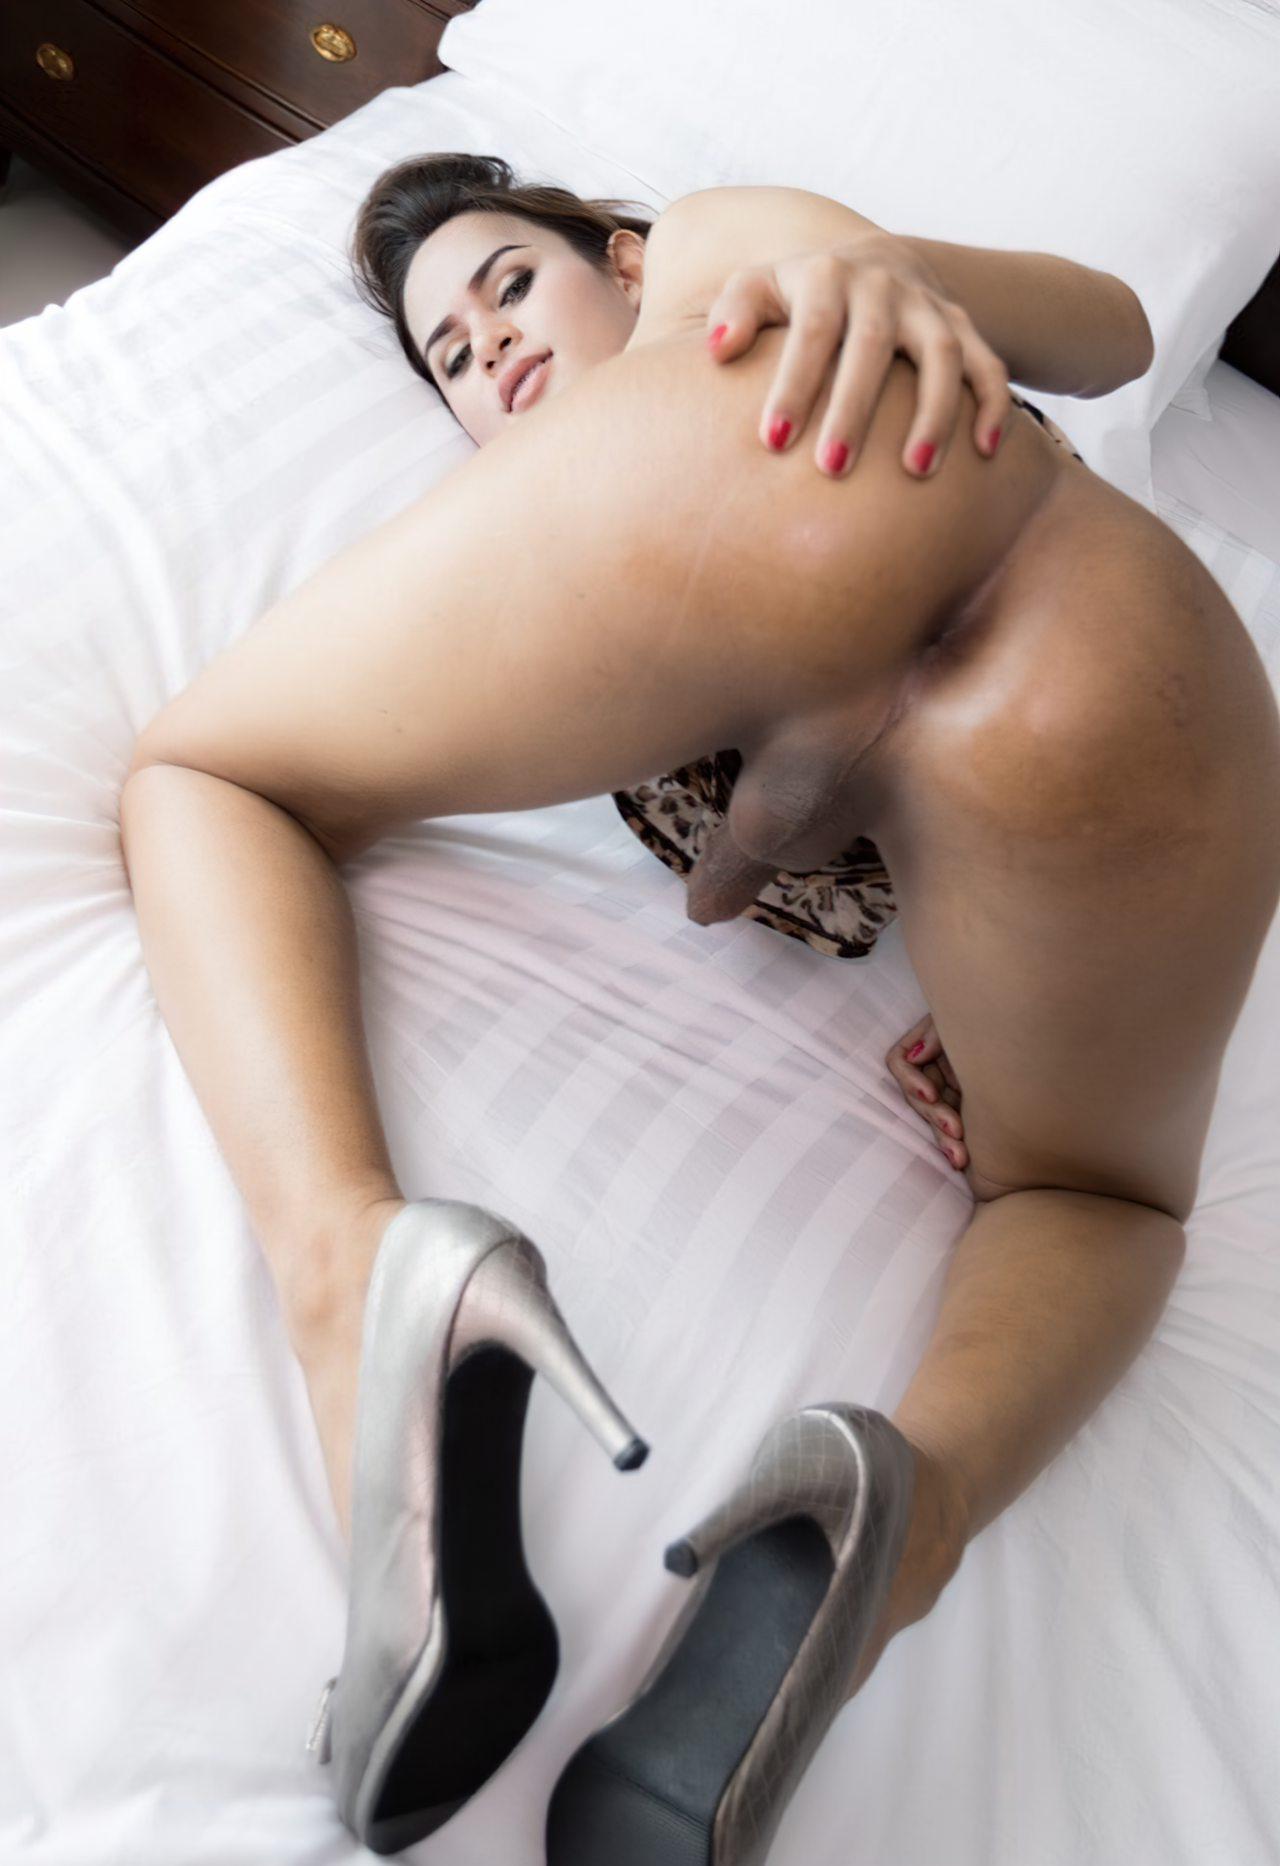 Travestis Vadias (28)